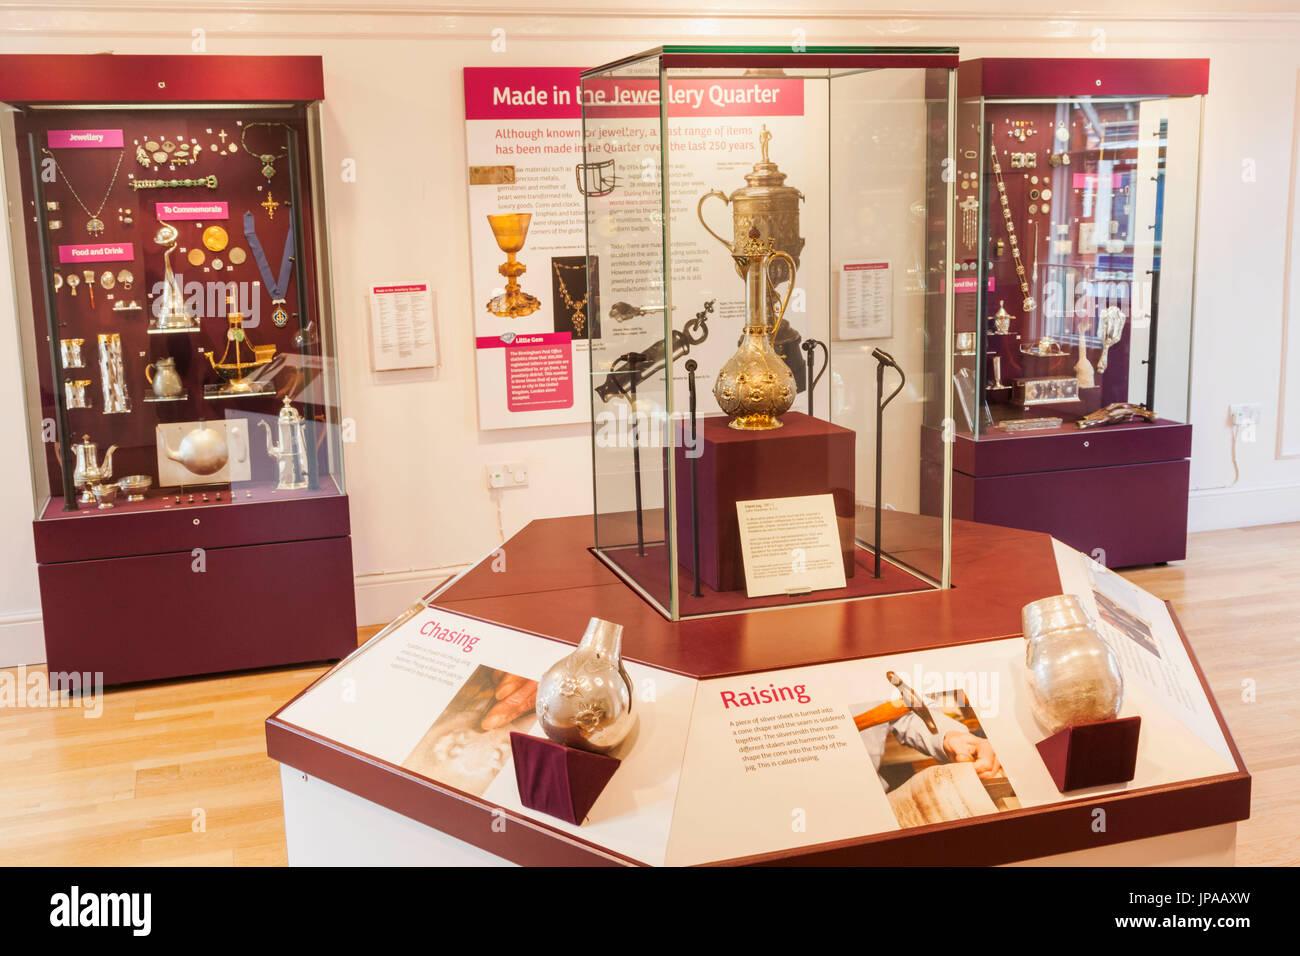 Jewellery Quarter, Museum des Quartier Schmuck, Birmingham, West Midlands, England Anzeige von historischen Silberwaren Stockbild